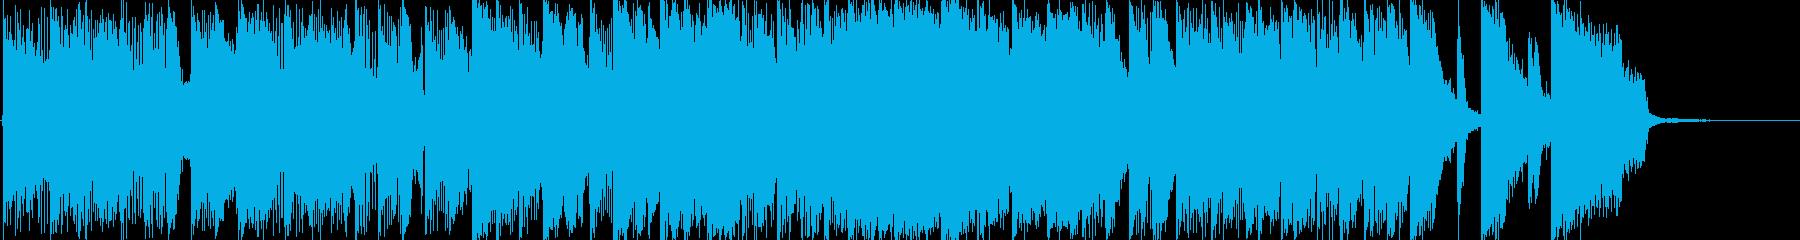 和風・中華風のややコミカルなバトルBGMの再生済みの波形